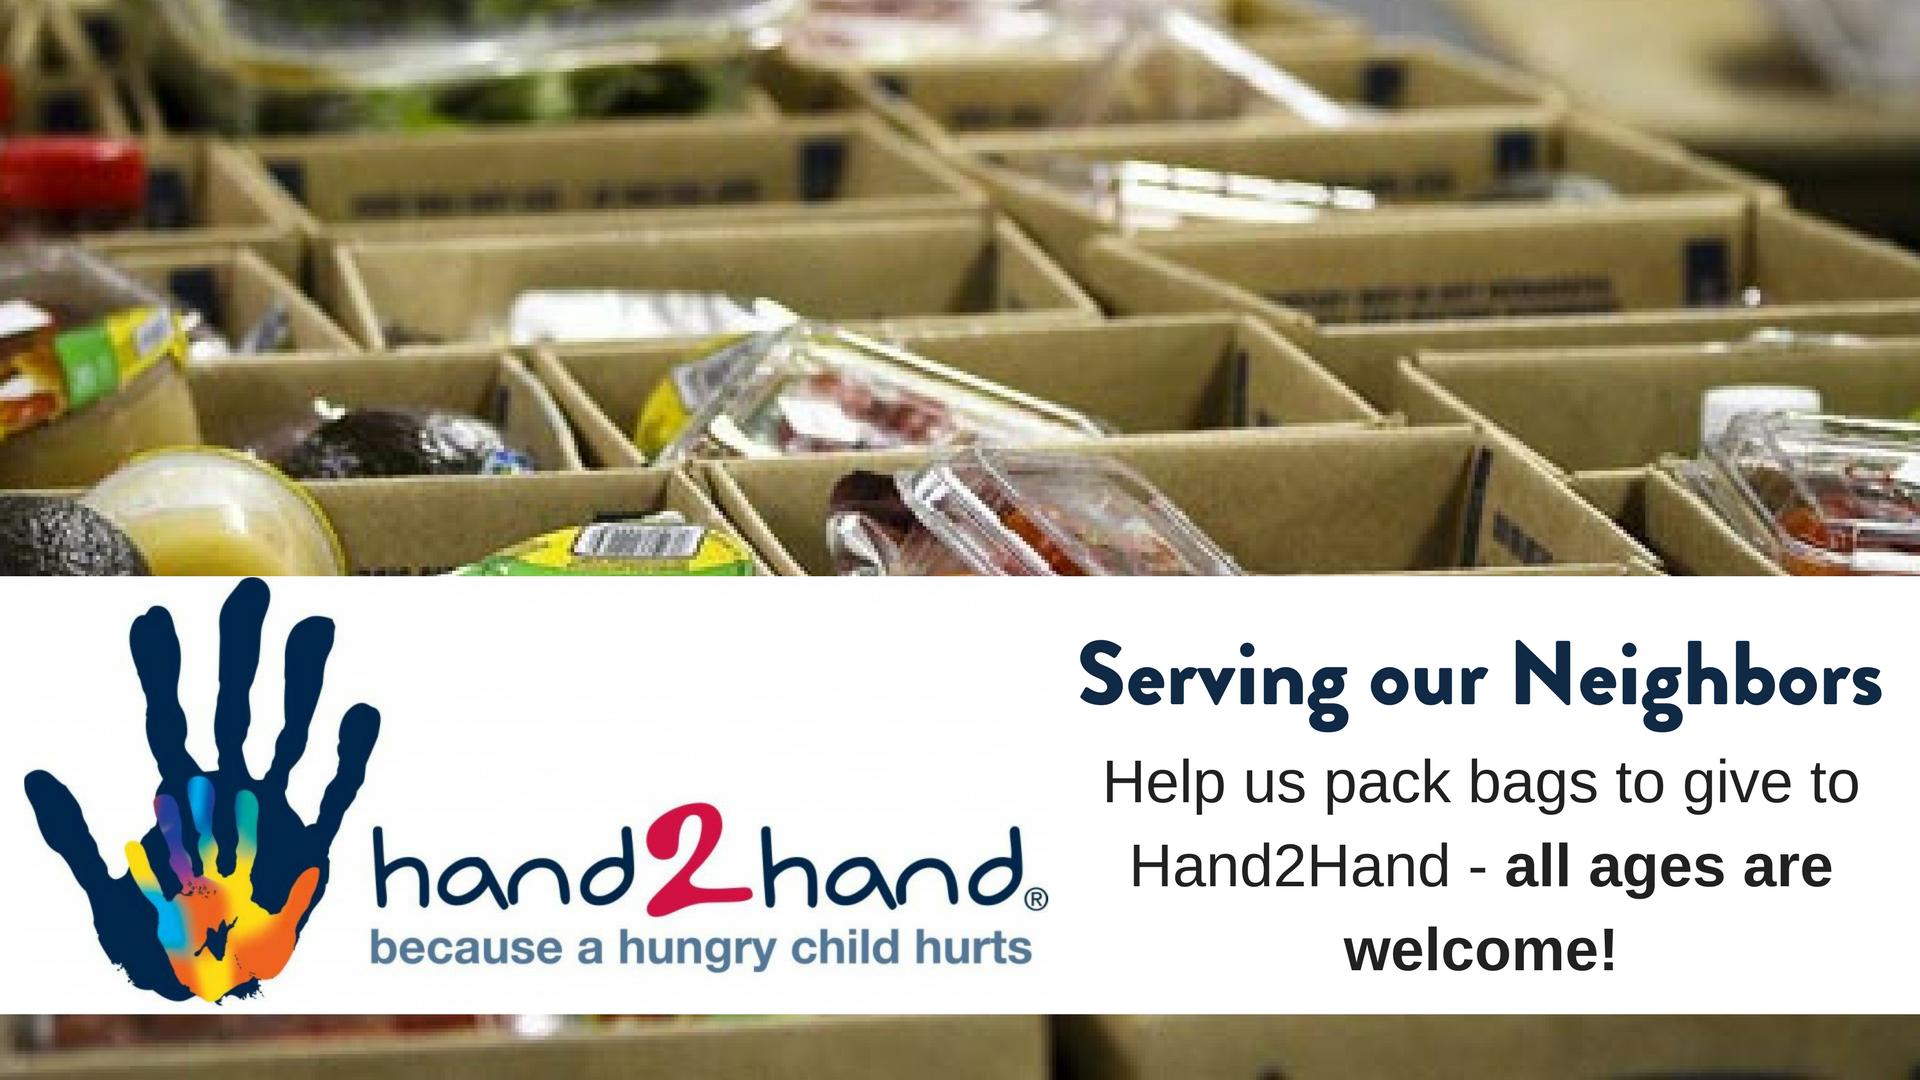 Hand2hand packing